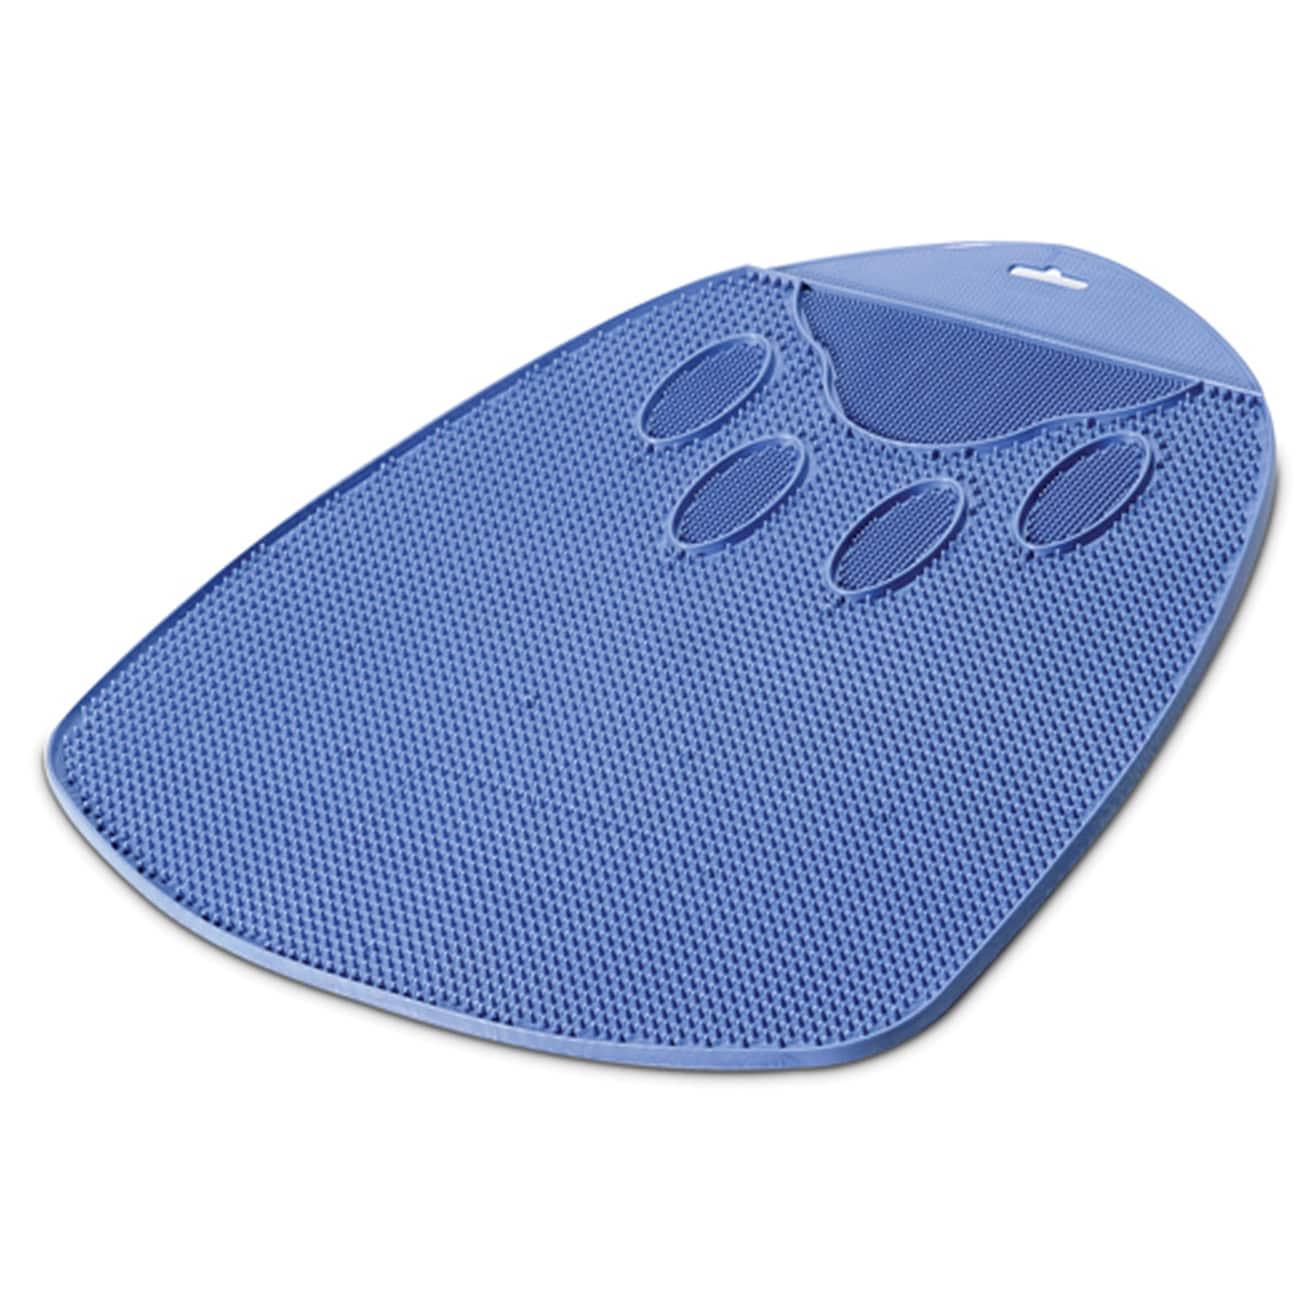 Petmate Blue Flexible Rubber Cat Litter Mat (Blue)